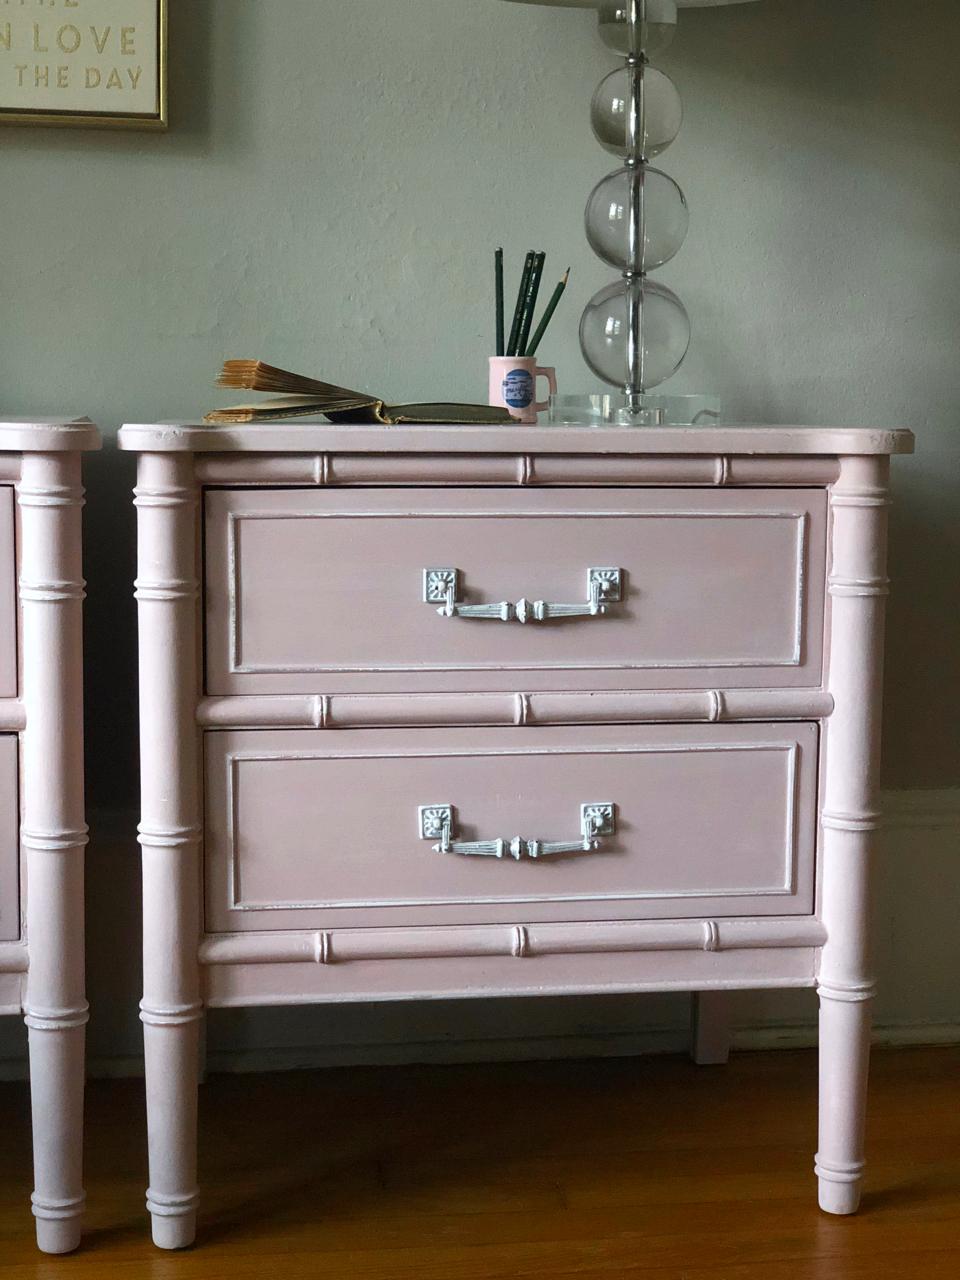 jo-torrijos-atlanta-painted-furniture-annie-sloan-antoinette-blush-pink-nightstands-3.jpg